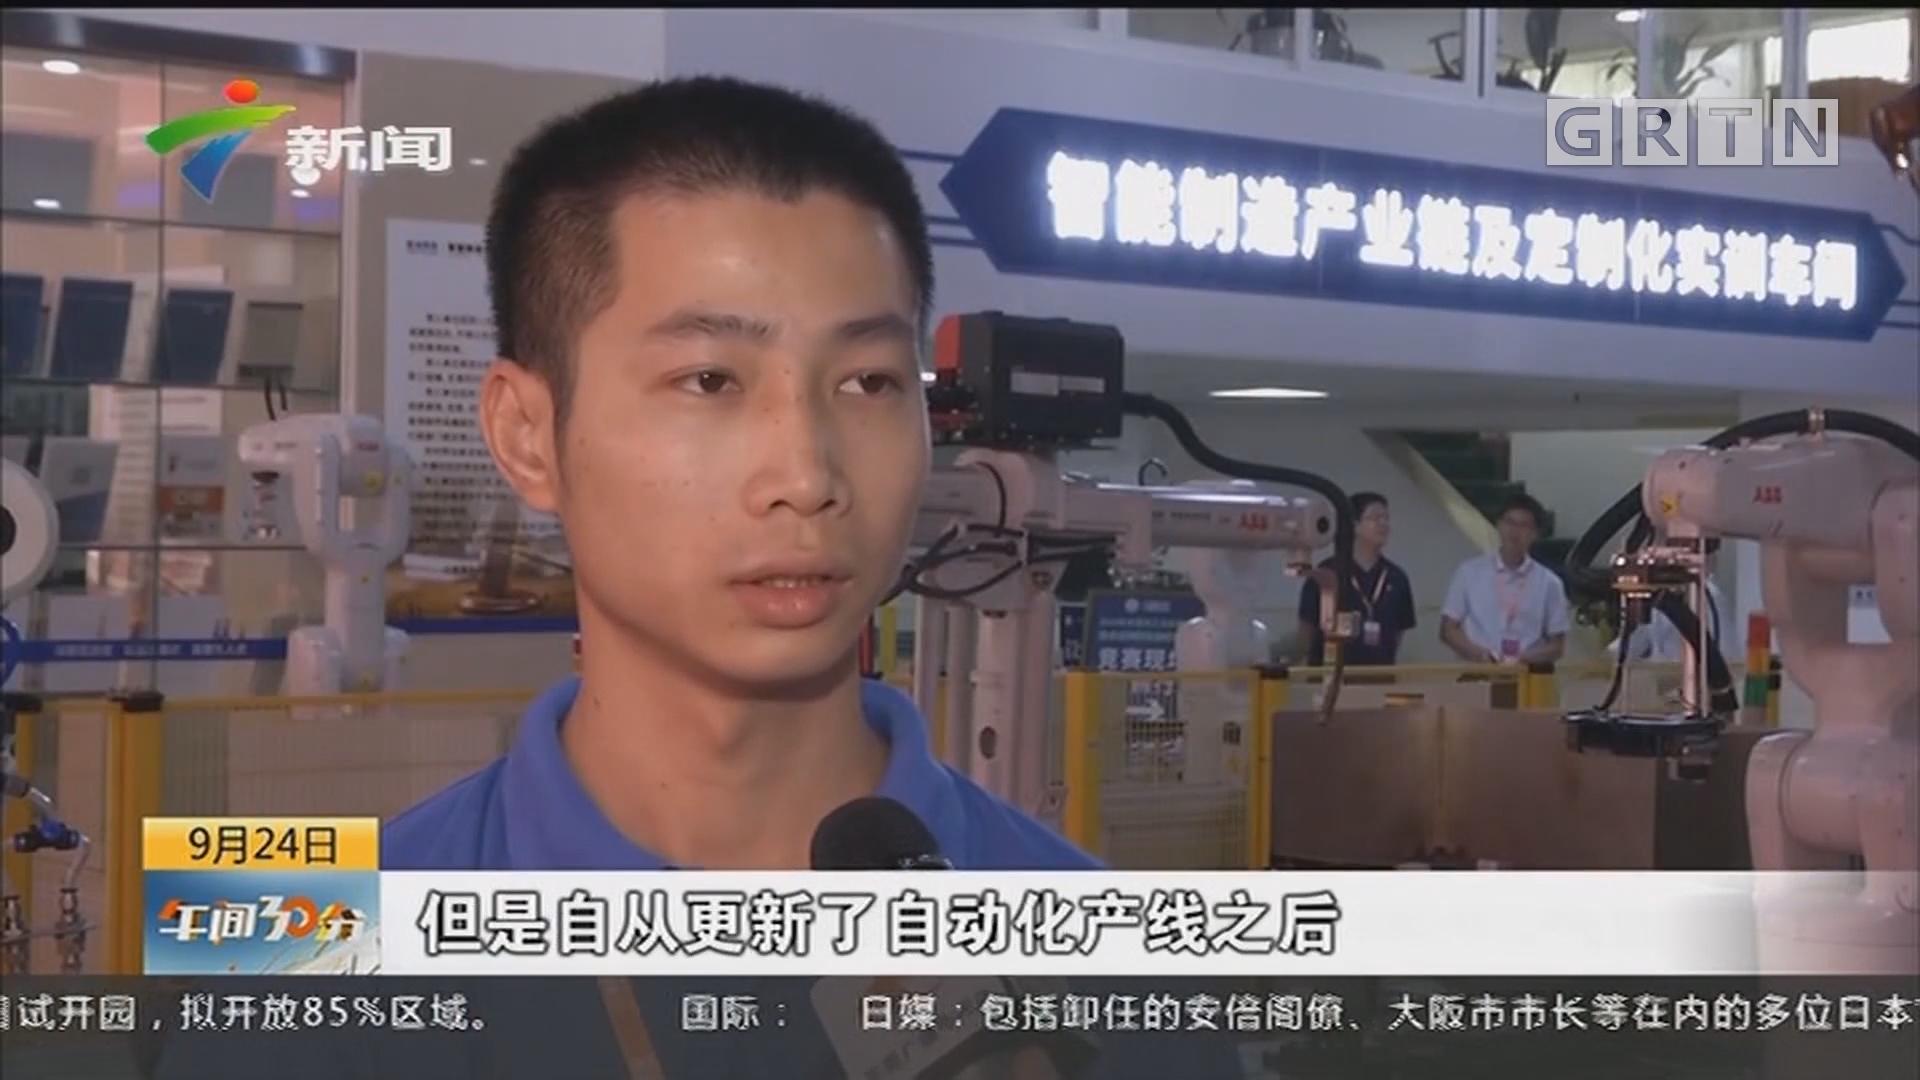 东莞:工业机器人技术应用技能竞赛举行